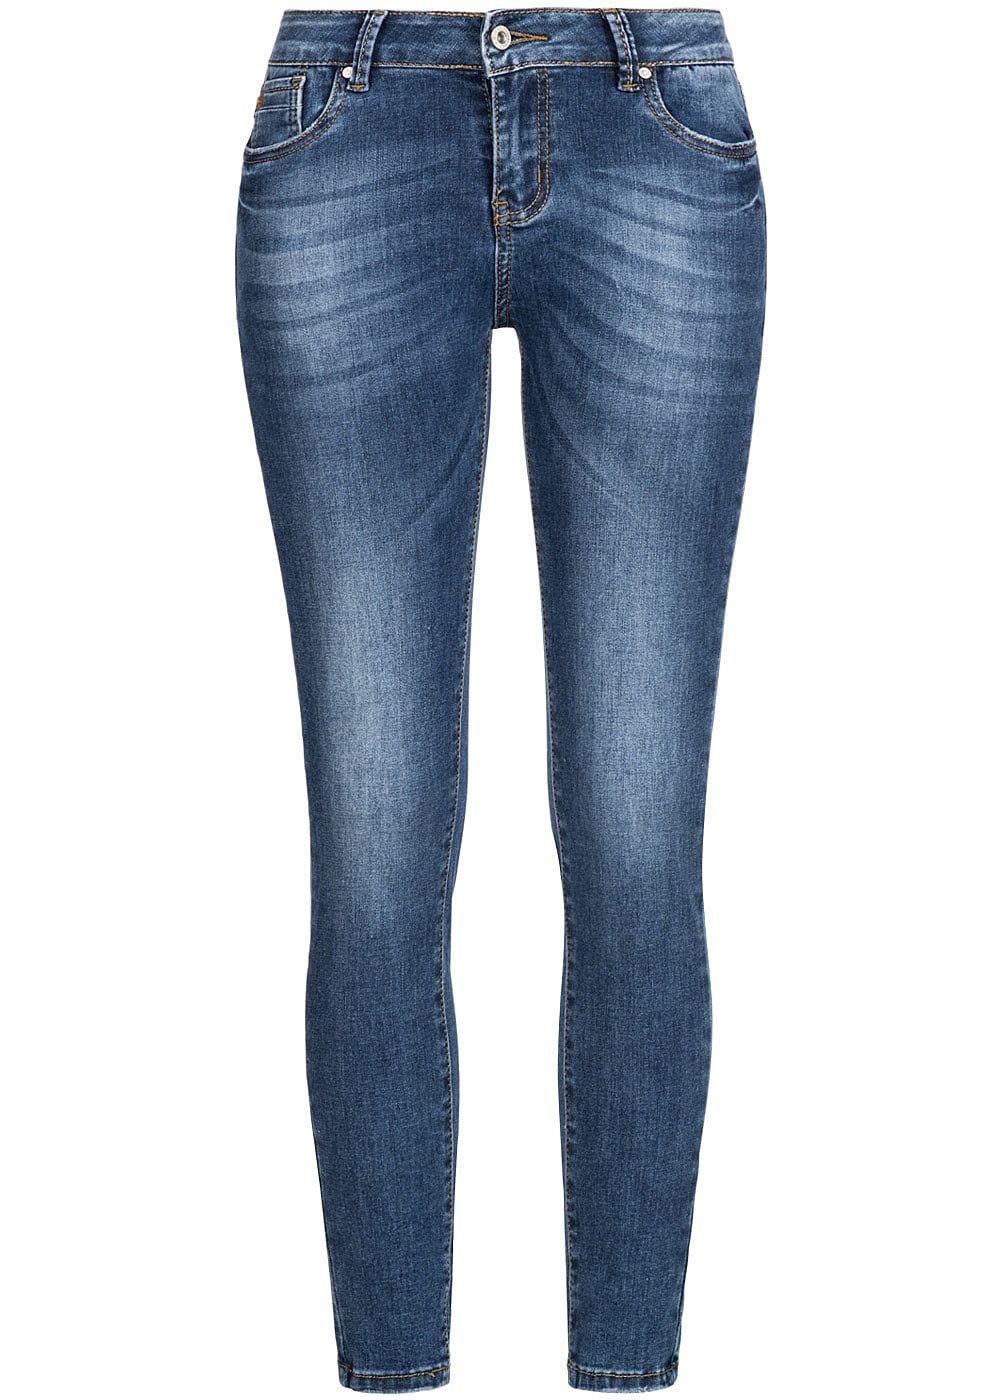 seventyseven lifestyle damen stretch jeans hose 5 pockets blau denim 77onlineshop. Black Bedroom Furniture Sets. Home Design Ideas